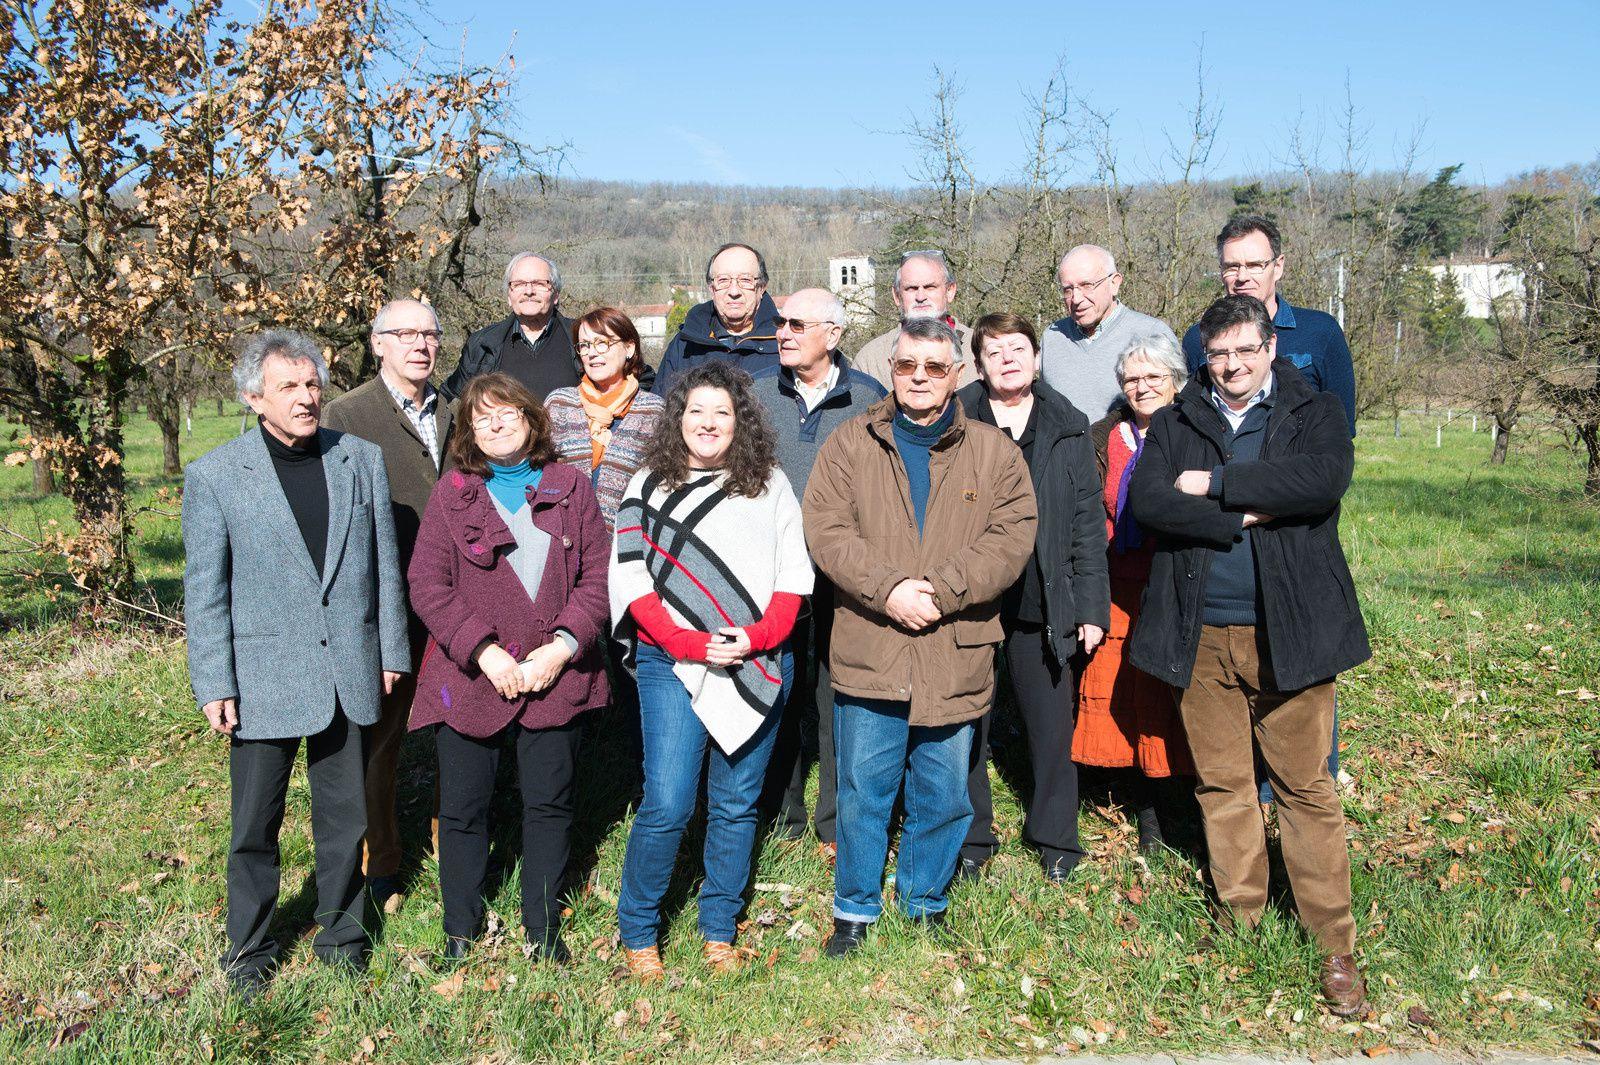 Fumélois : Naissance d'une association Patrimoine à l'échelle de Fumel Vallée du Lot